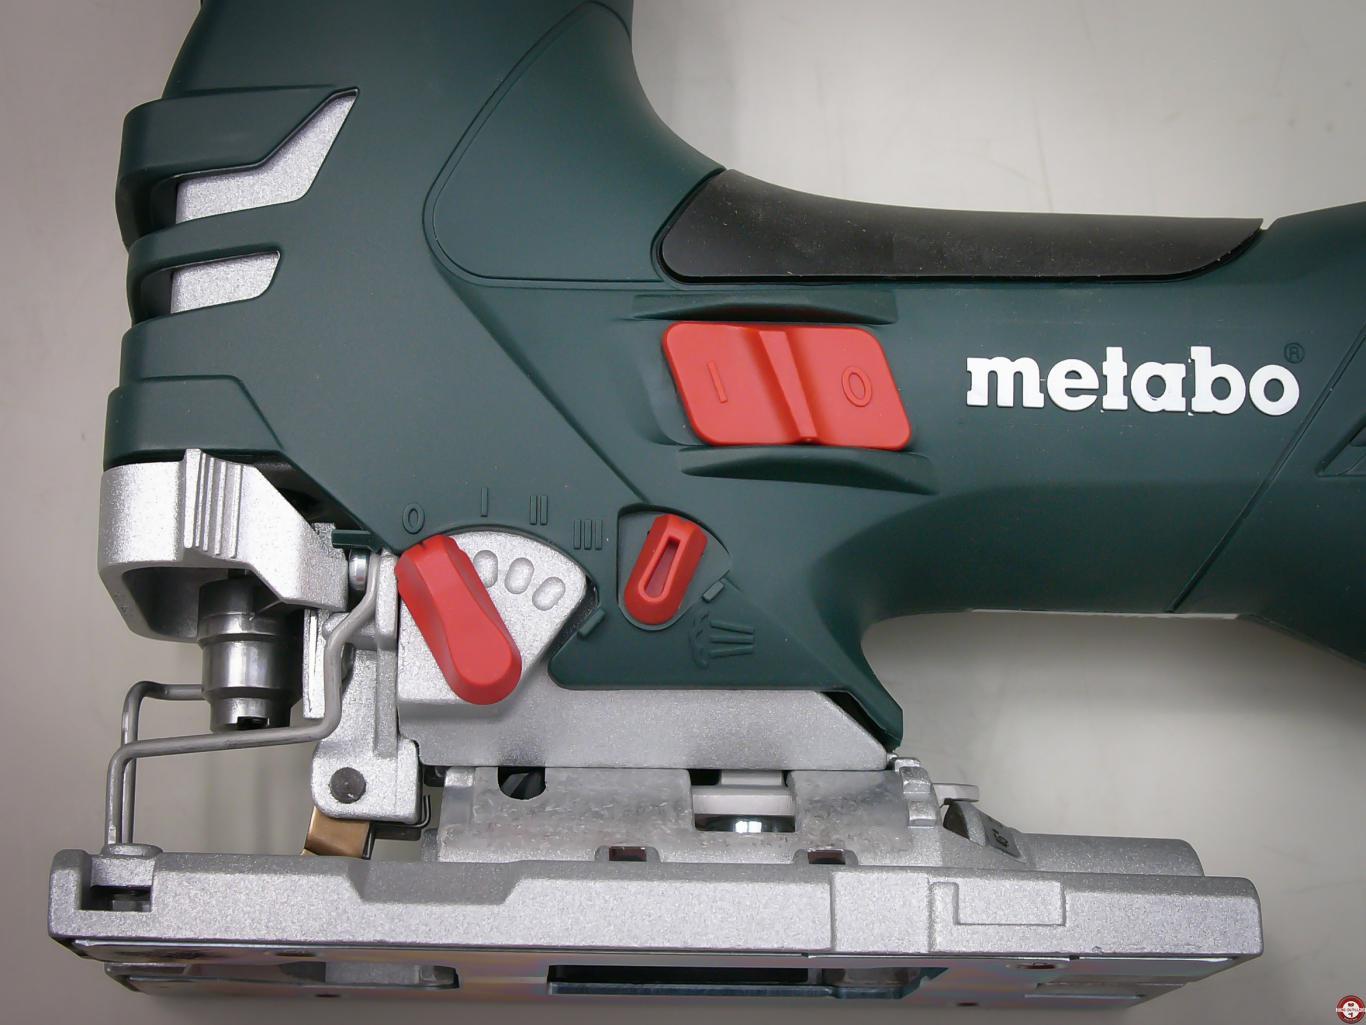 Scie sauteuse metabo ste 140 750w - Leroy merlin scie sauteuse ...